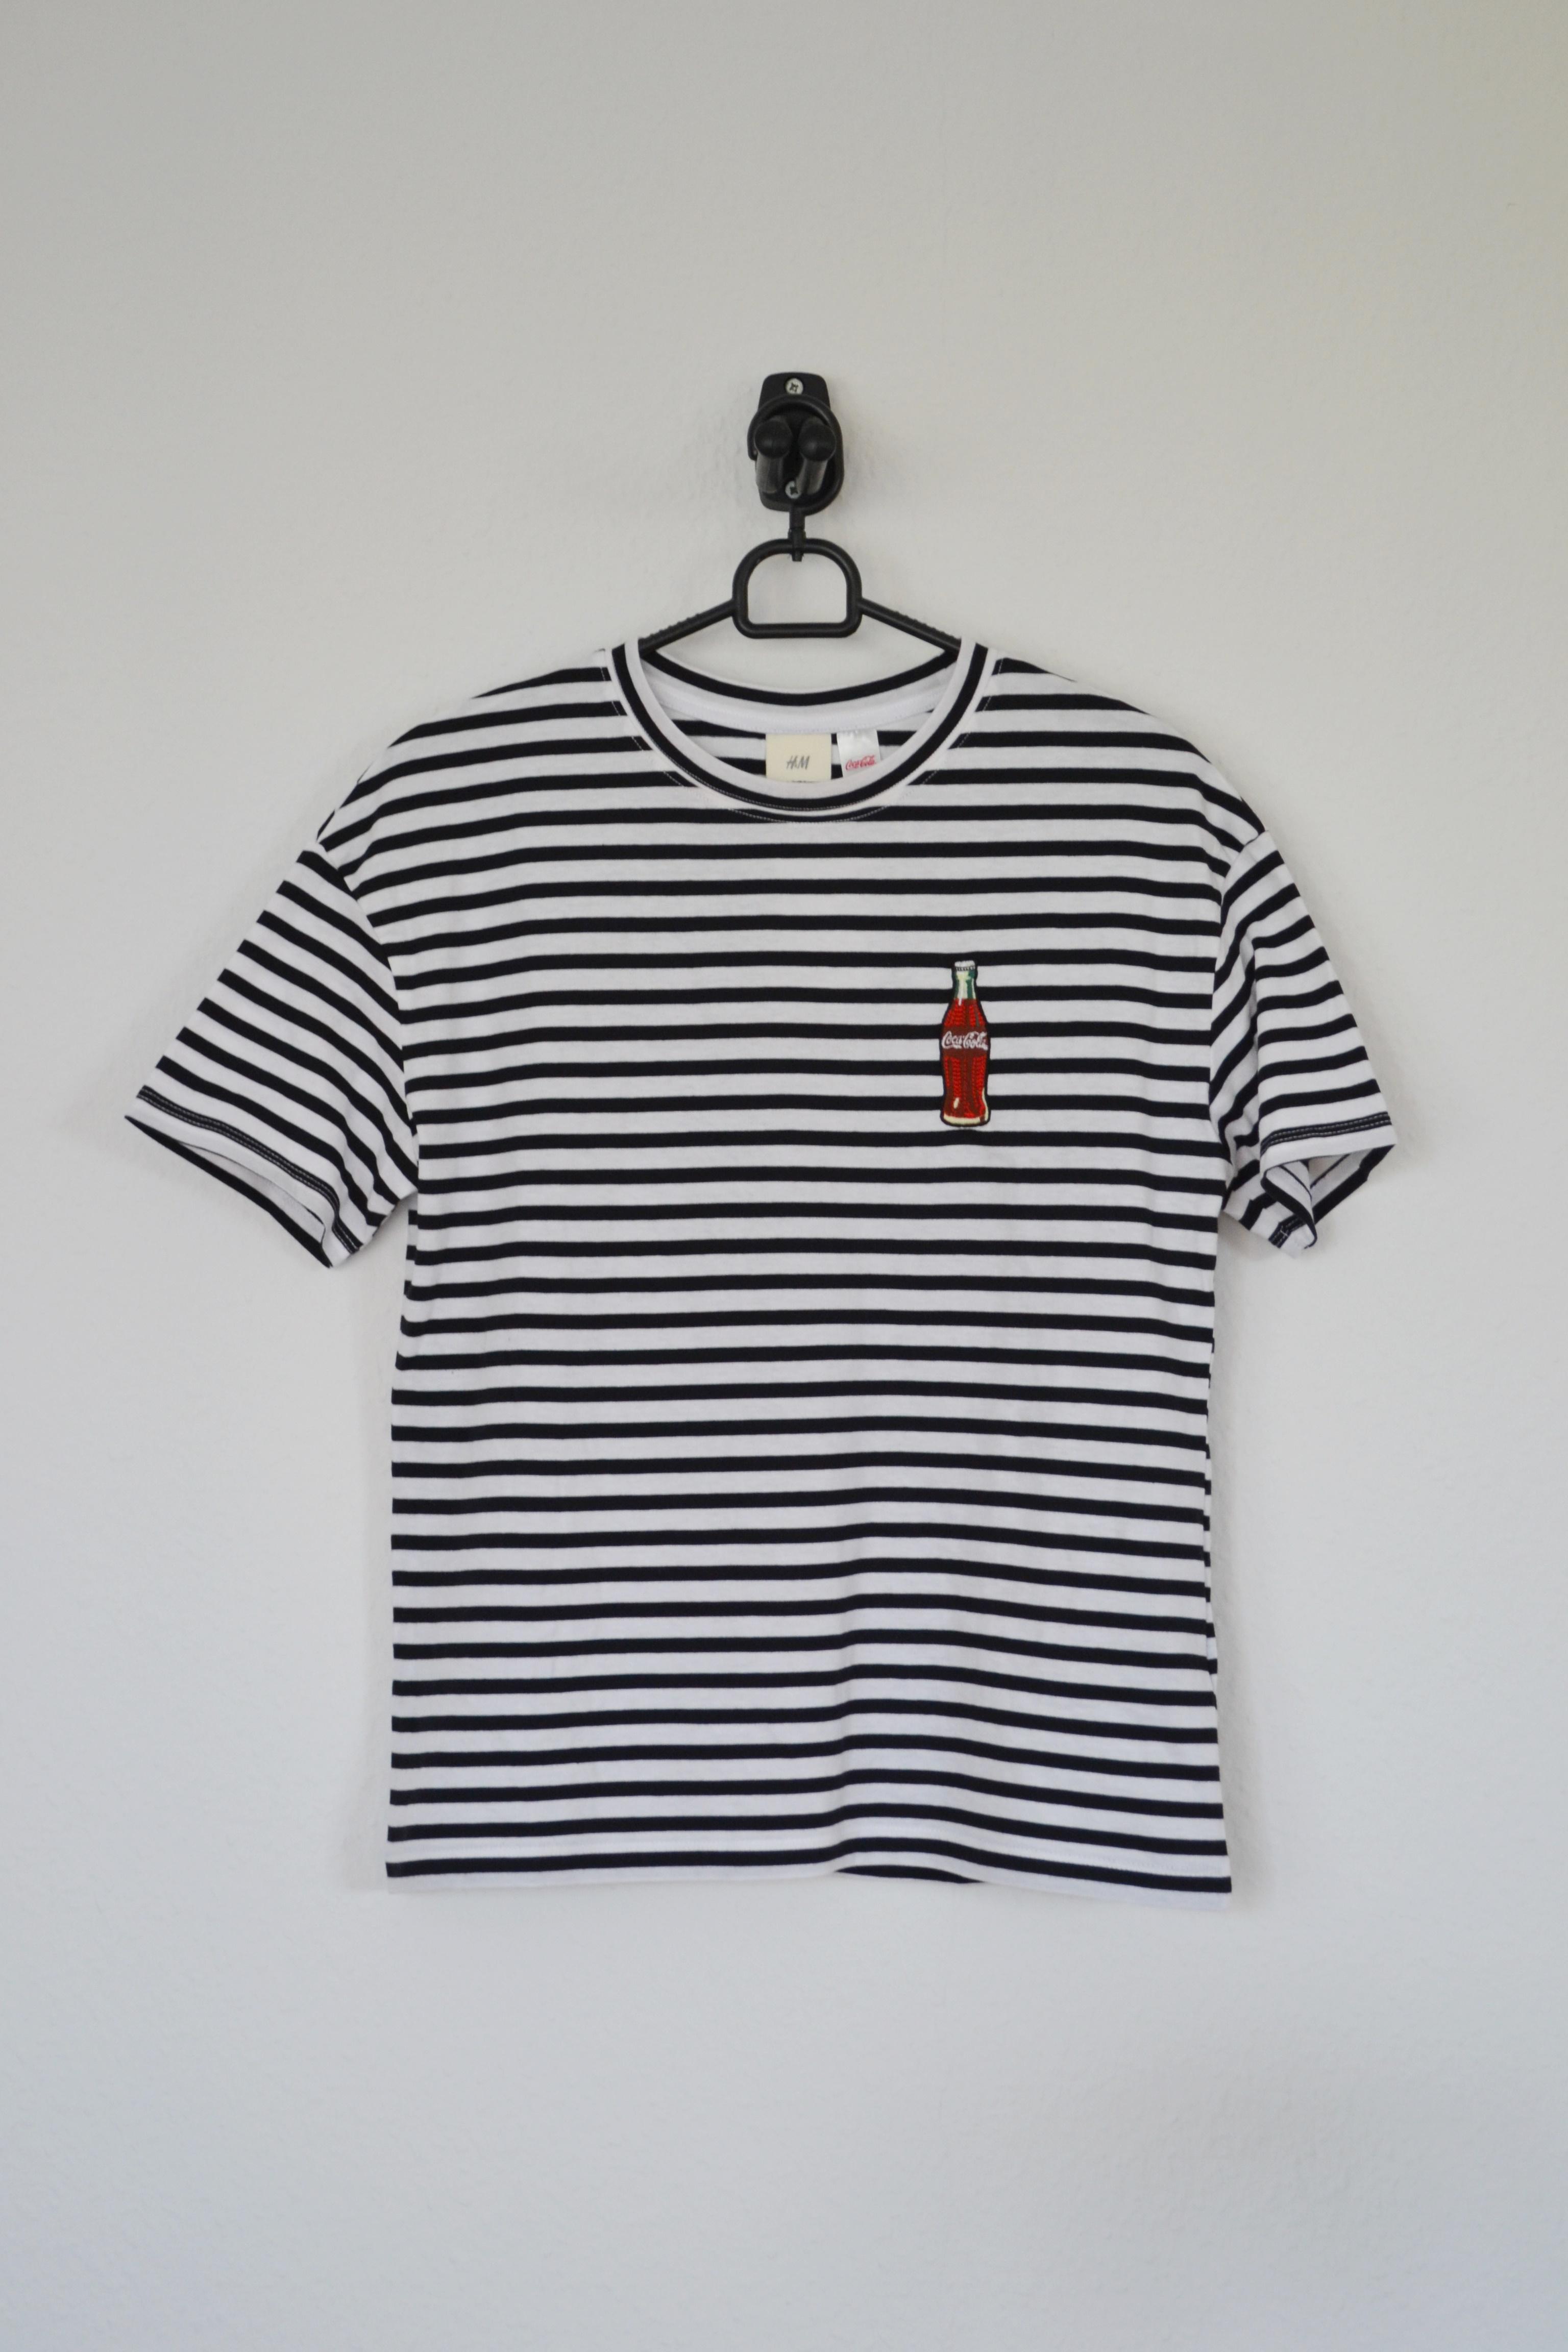 Sort og hvid stribet T-shirt m. Coca Cola flaske - H&M